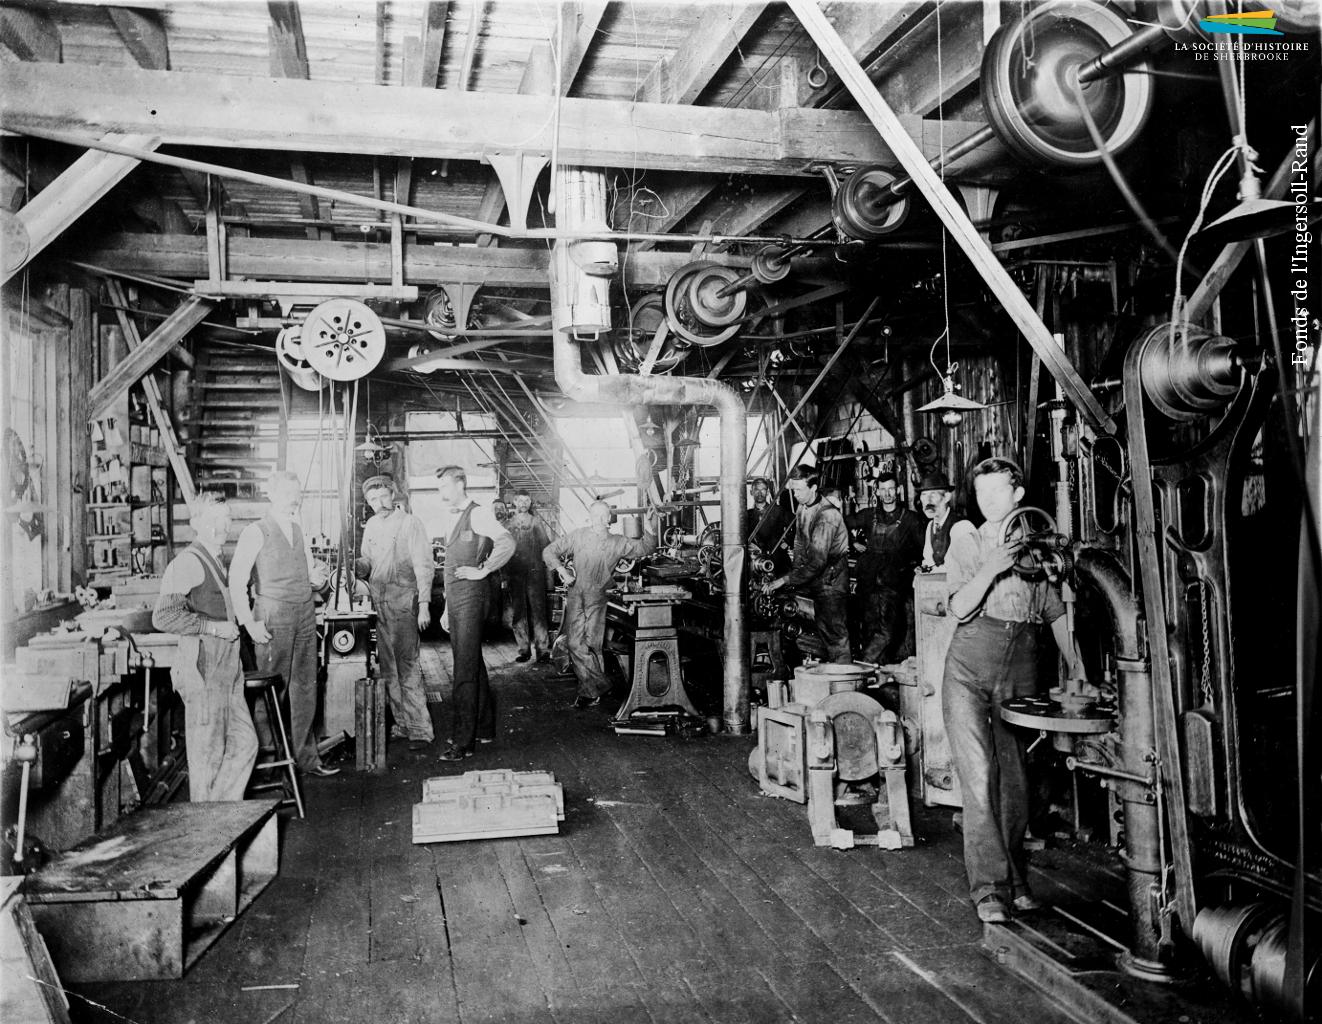 Des ouvriers de la Canadian Rand Drill Co. dans un atelier de la compagnie, en 1894. Ce bâtiment, situé entre la rue Bank et la rivière Magog, est le premier occupé par la compagnie à son arrivée à Sherbrooke en 1890.